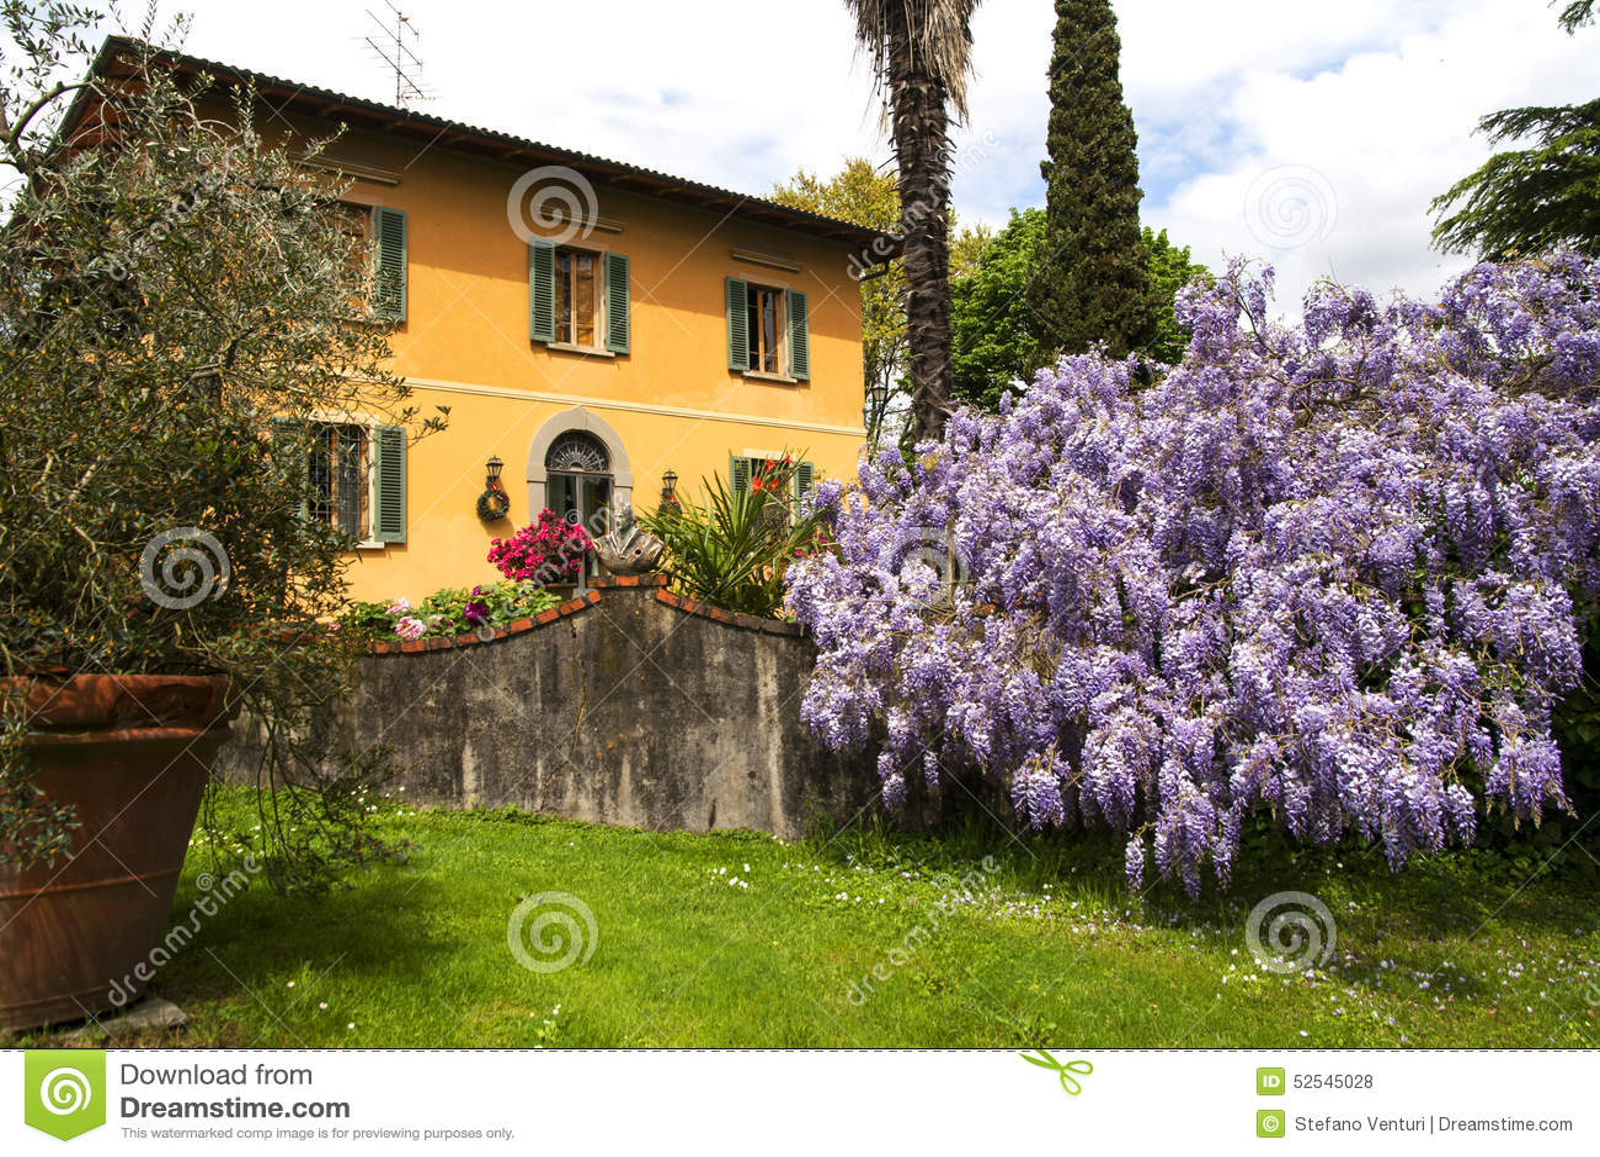 Bella Casa Di Campagna In Toscana Con La Grande Pianta Delle Glicine Fotografia Stock  Immagine